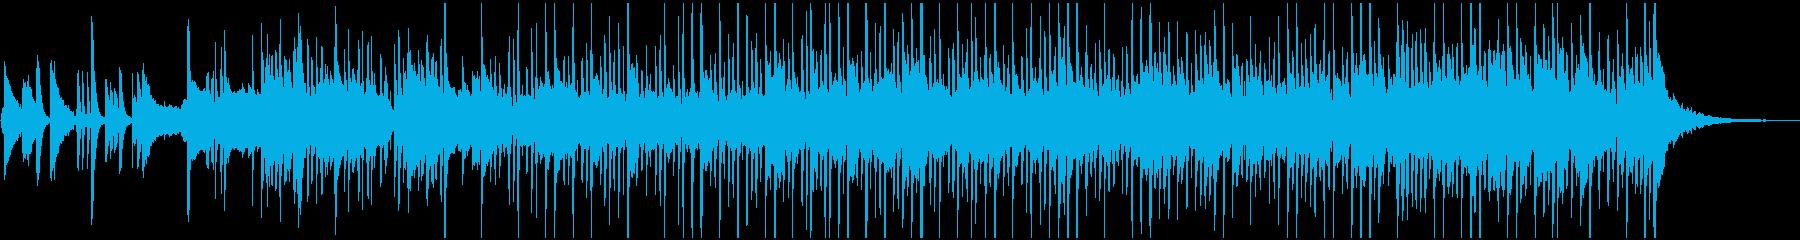 イントロの後、開放的なBGMの再生済みの波形